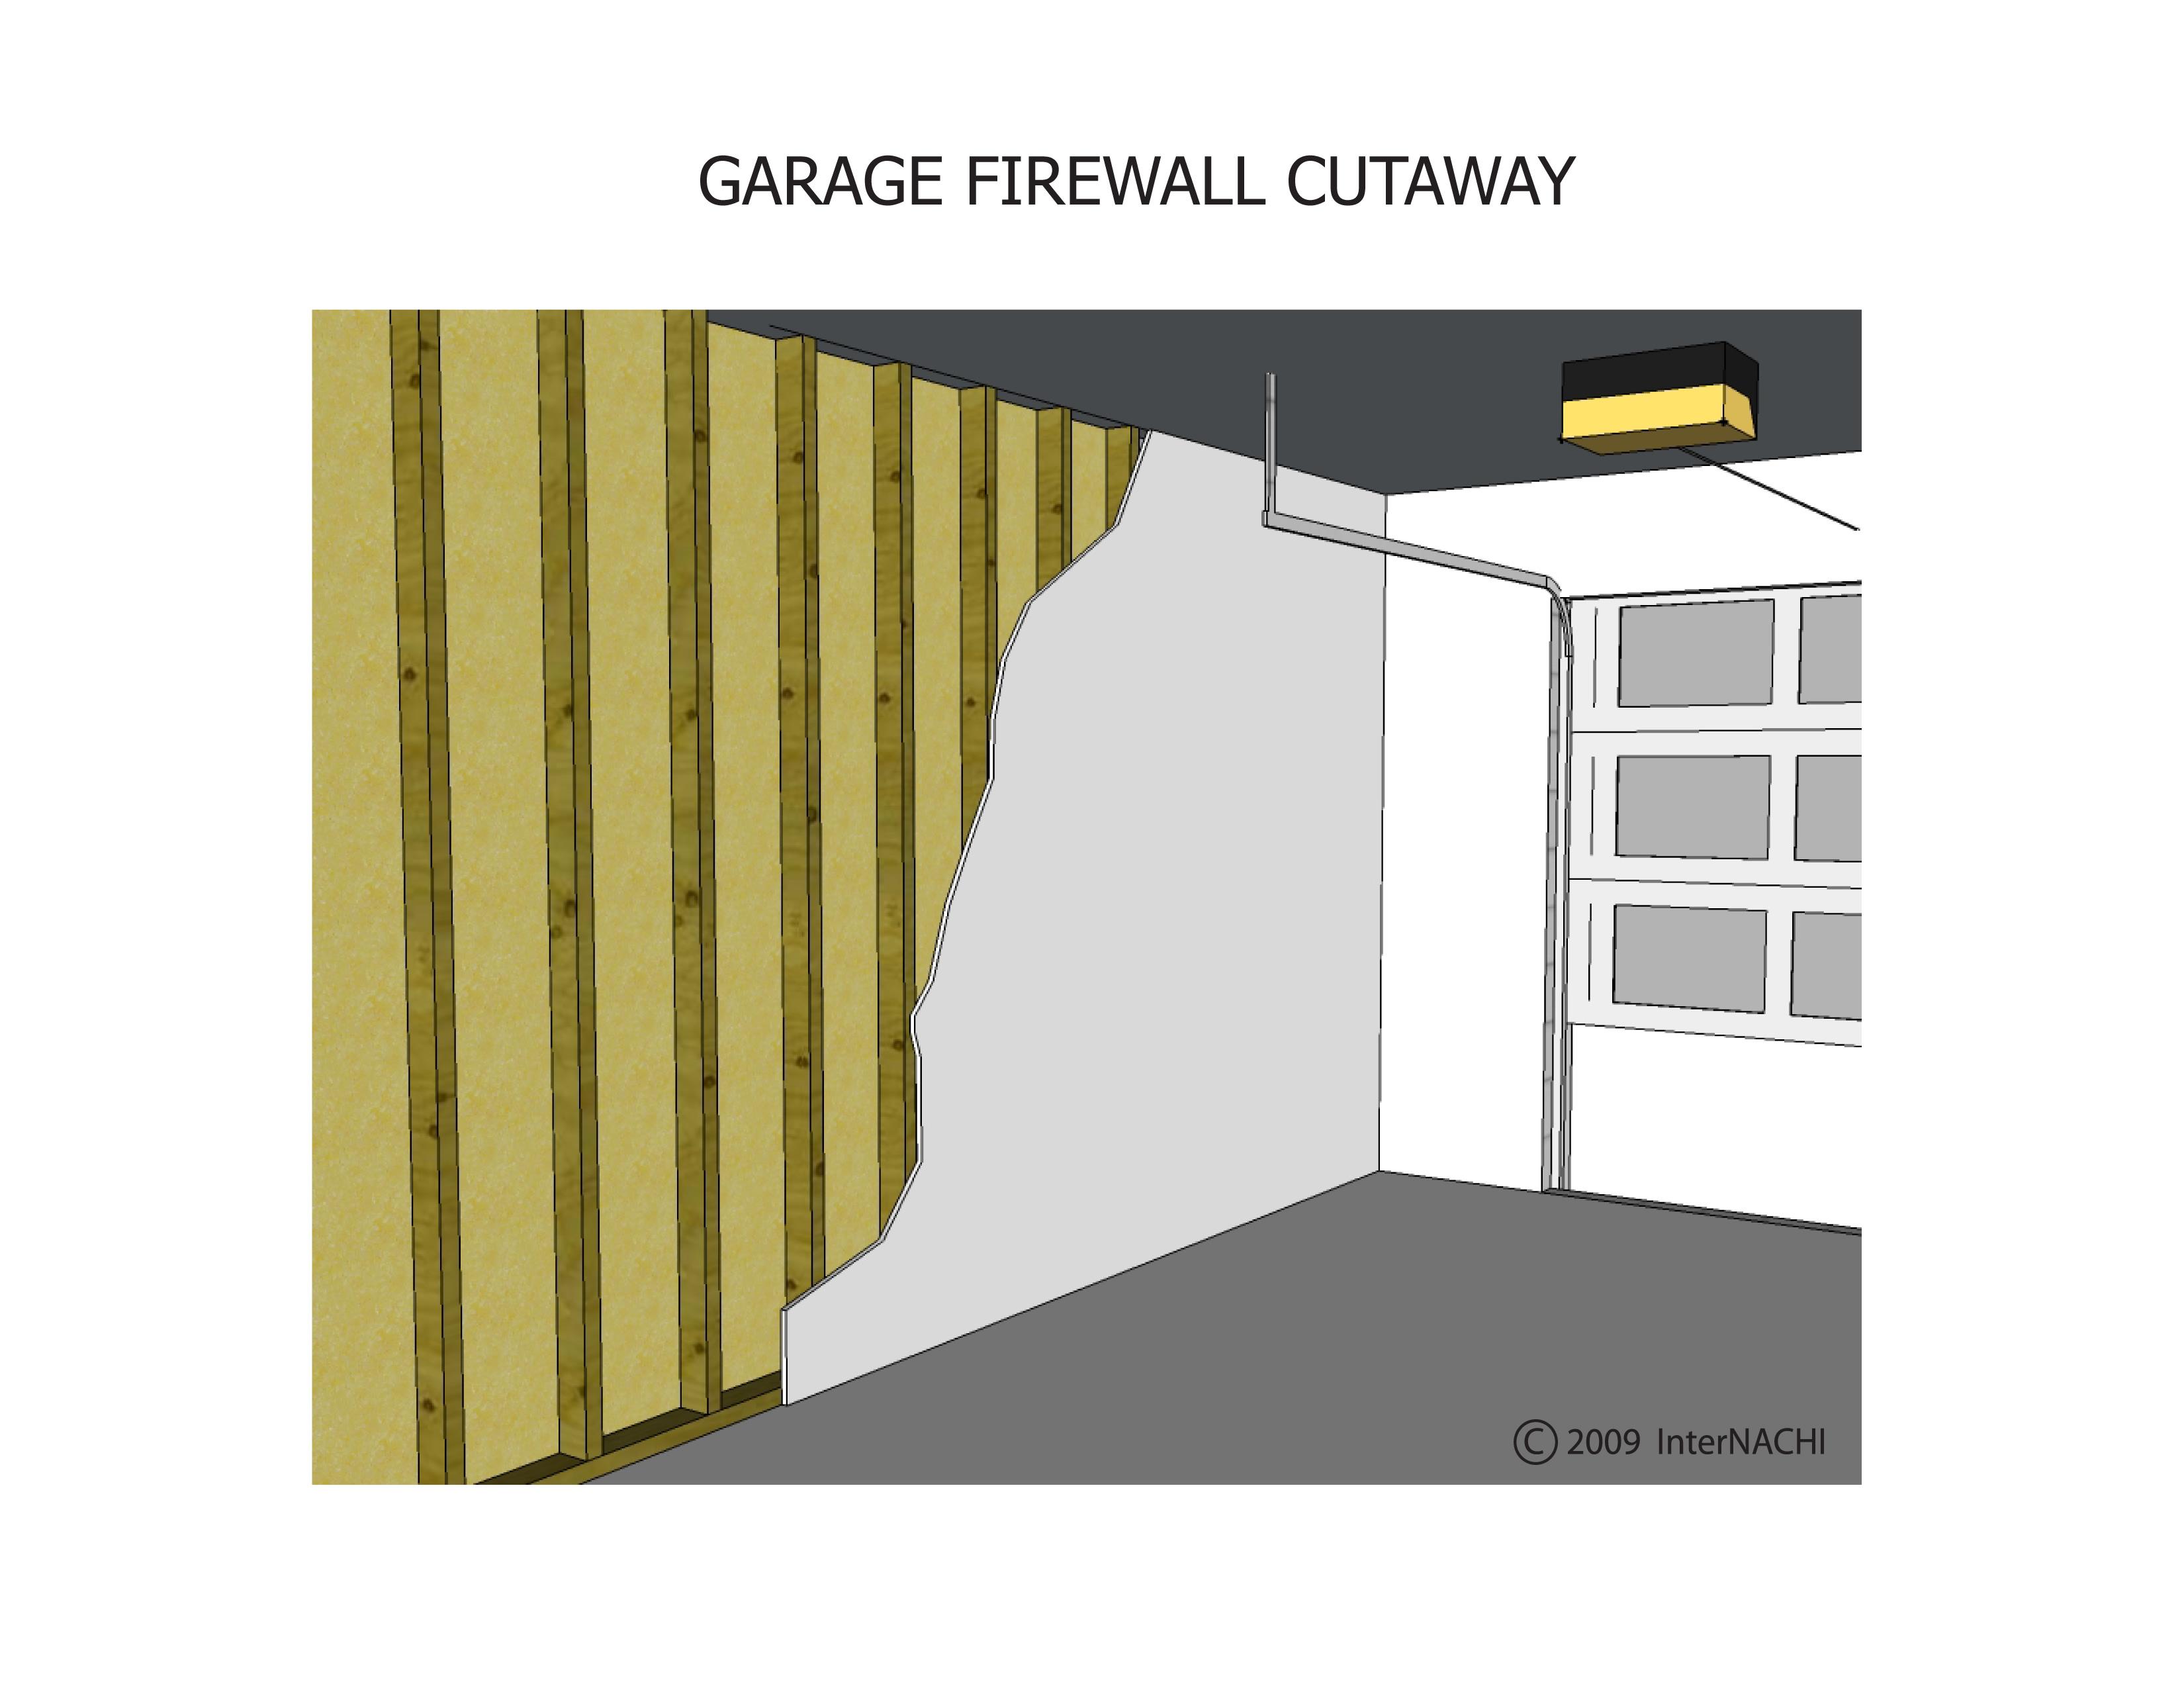 Garage firewall.